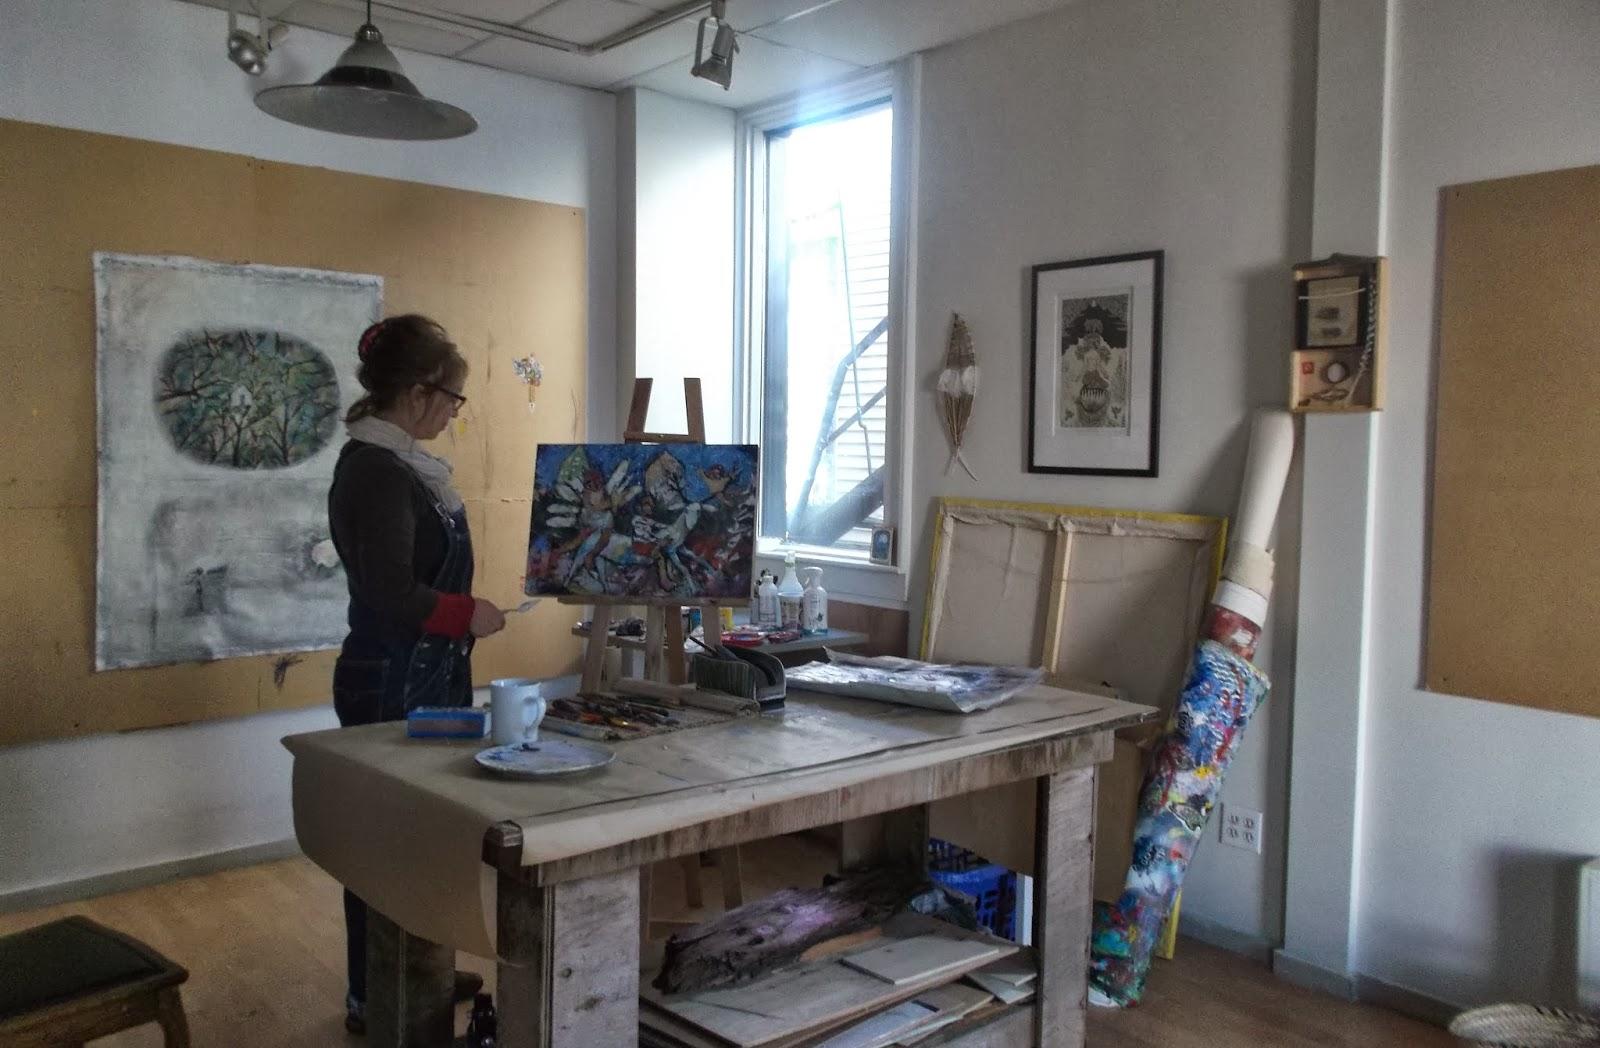 Le petit studio sutton espace a louer dans l 39 atelier d 39 artiste - Location atelier artiste lyon ...